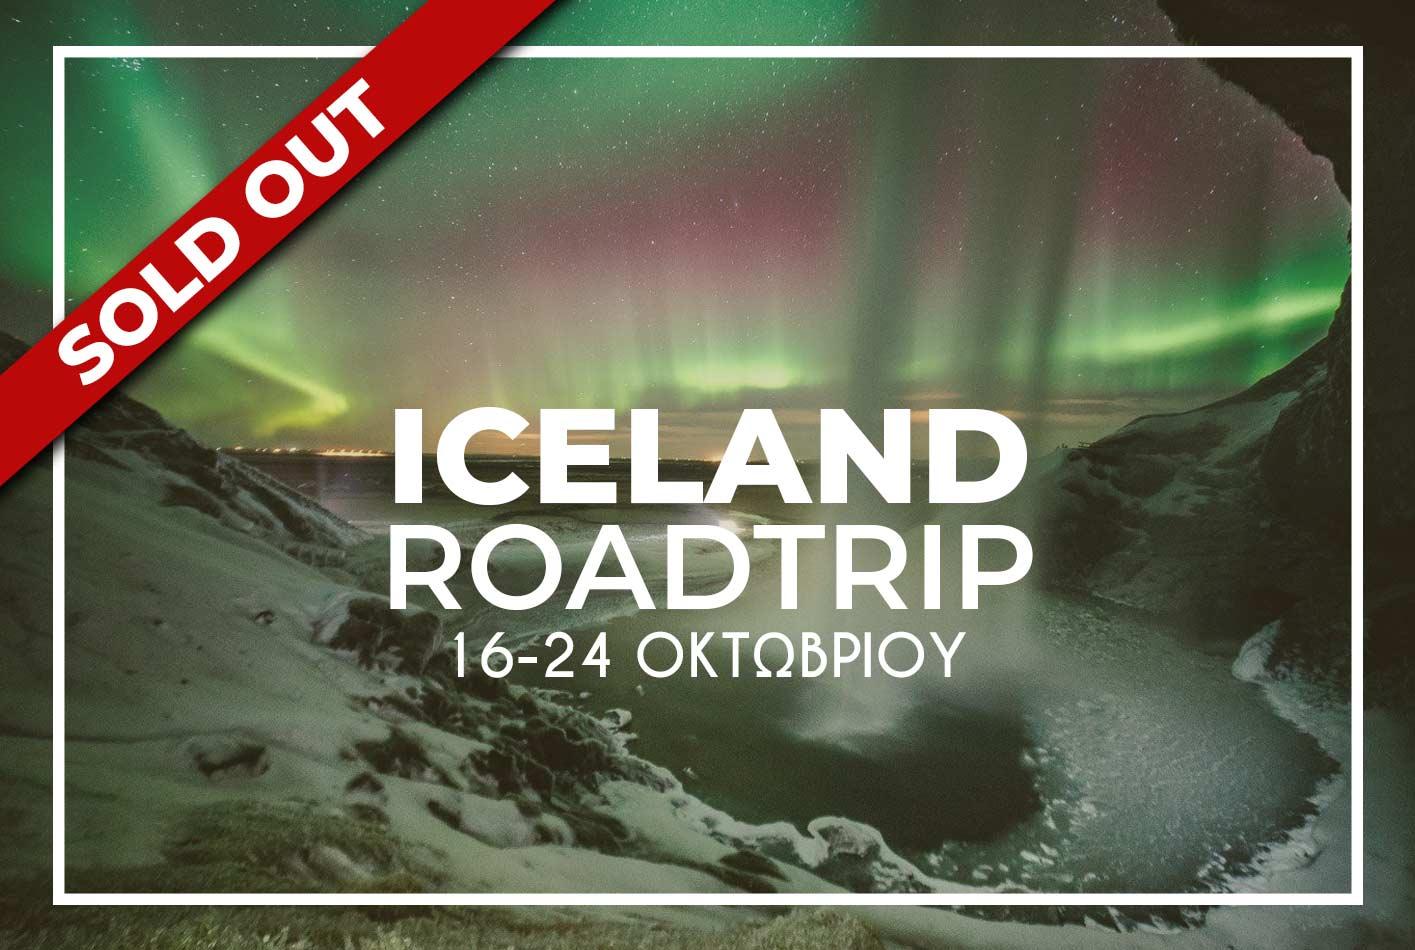 Ισλανδία ταξίδι οκτώβρης